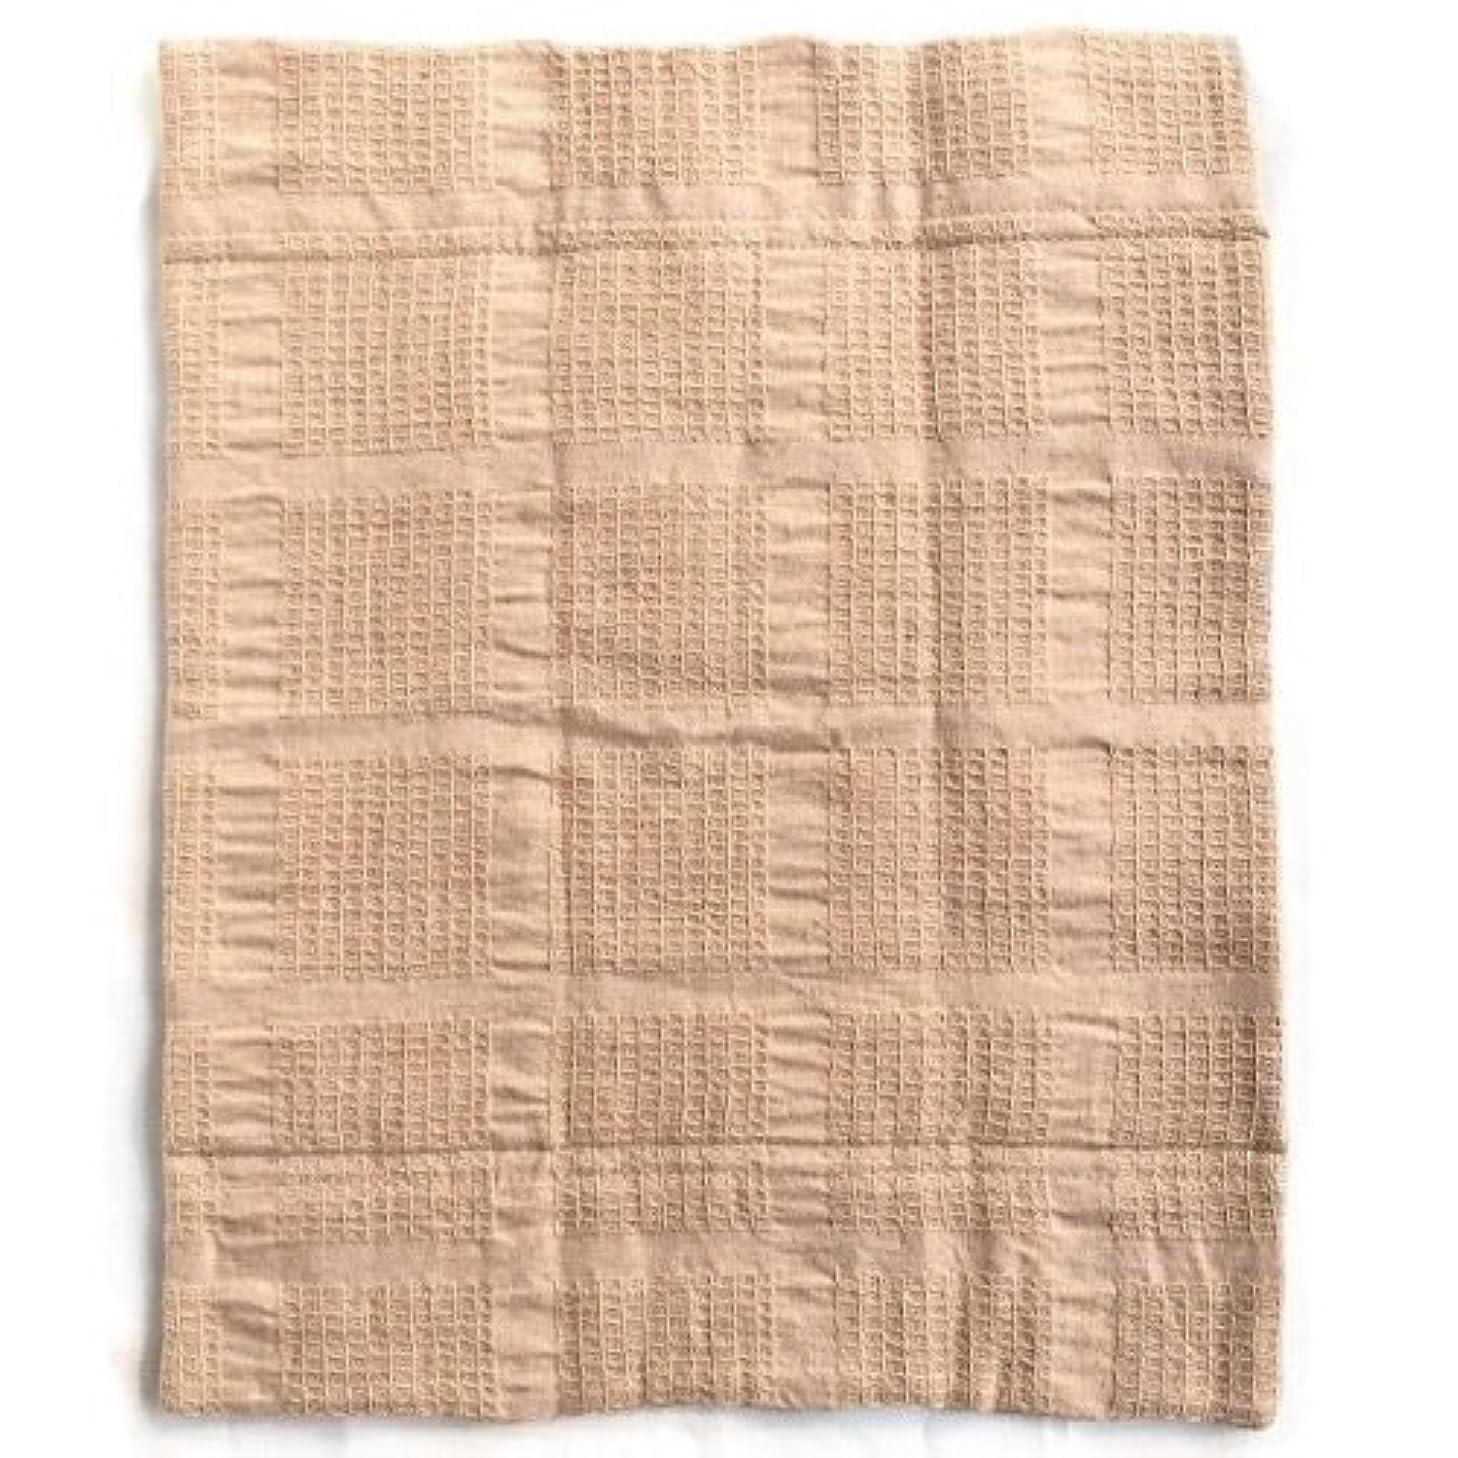 暖かくゼロ囲まれた華布のオーガニックコットンの布ナプキン LLサイズ(約28cm×約35cm) 1枚入り